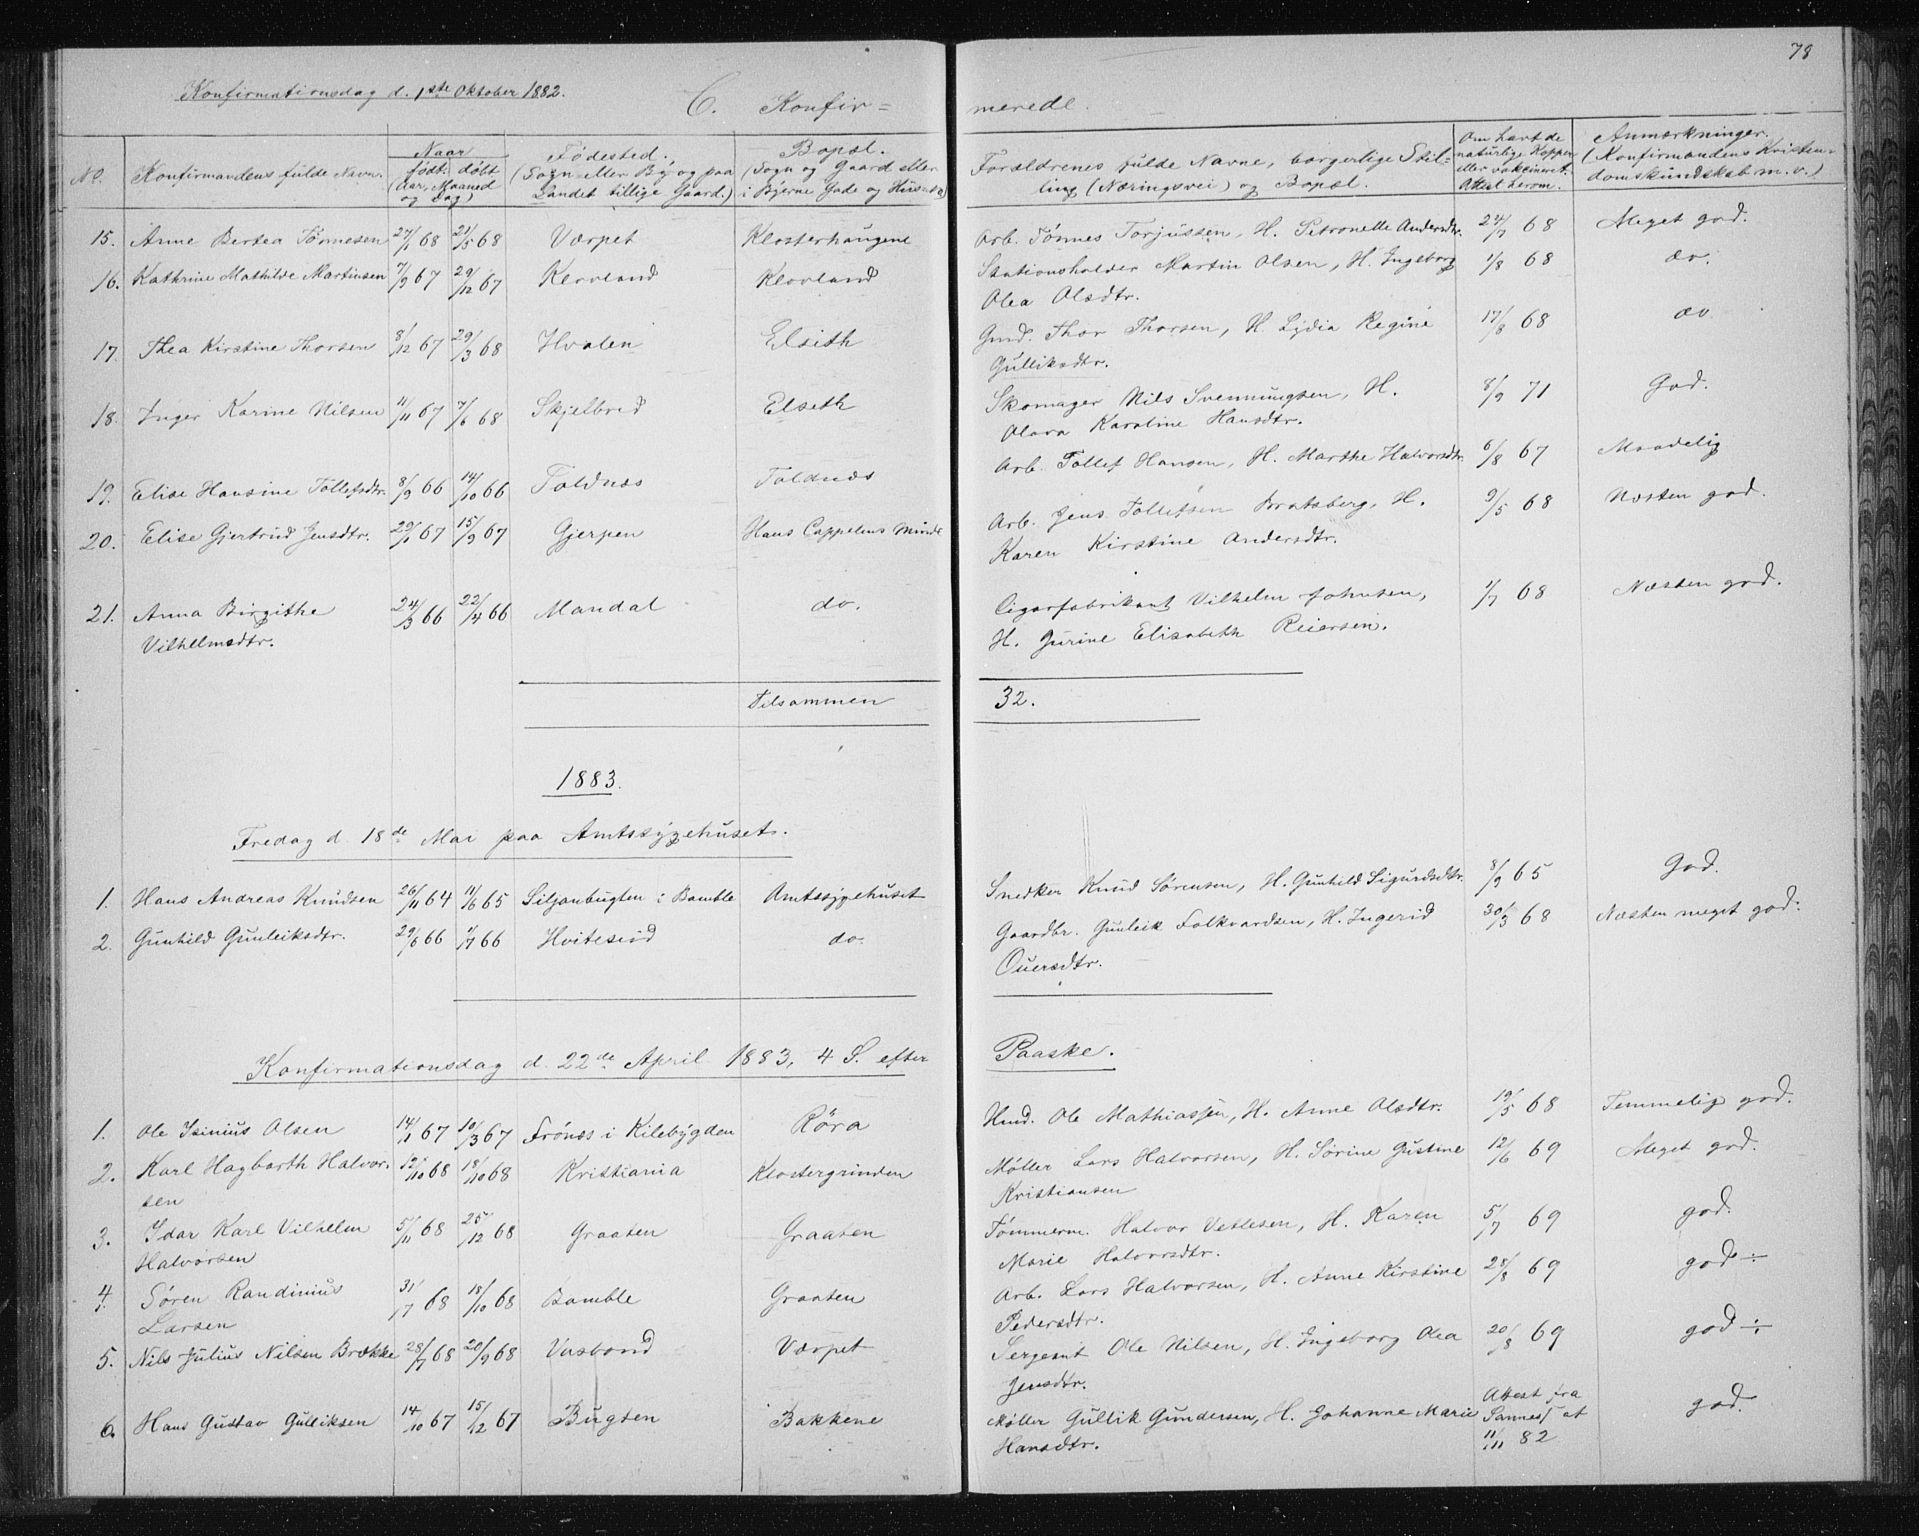 SAKO, Solum kirkebøker, G/Ga/L0006: Klokkerbok nr. I 6, 1882-1883, s. 78